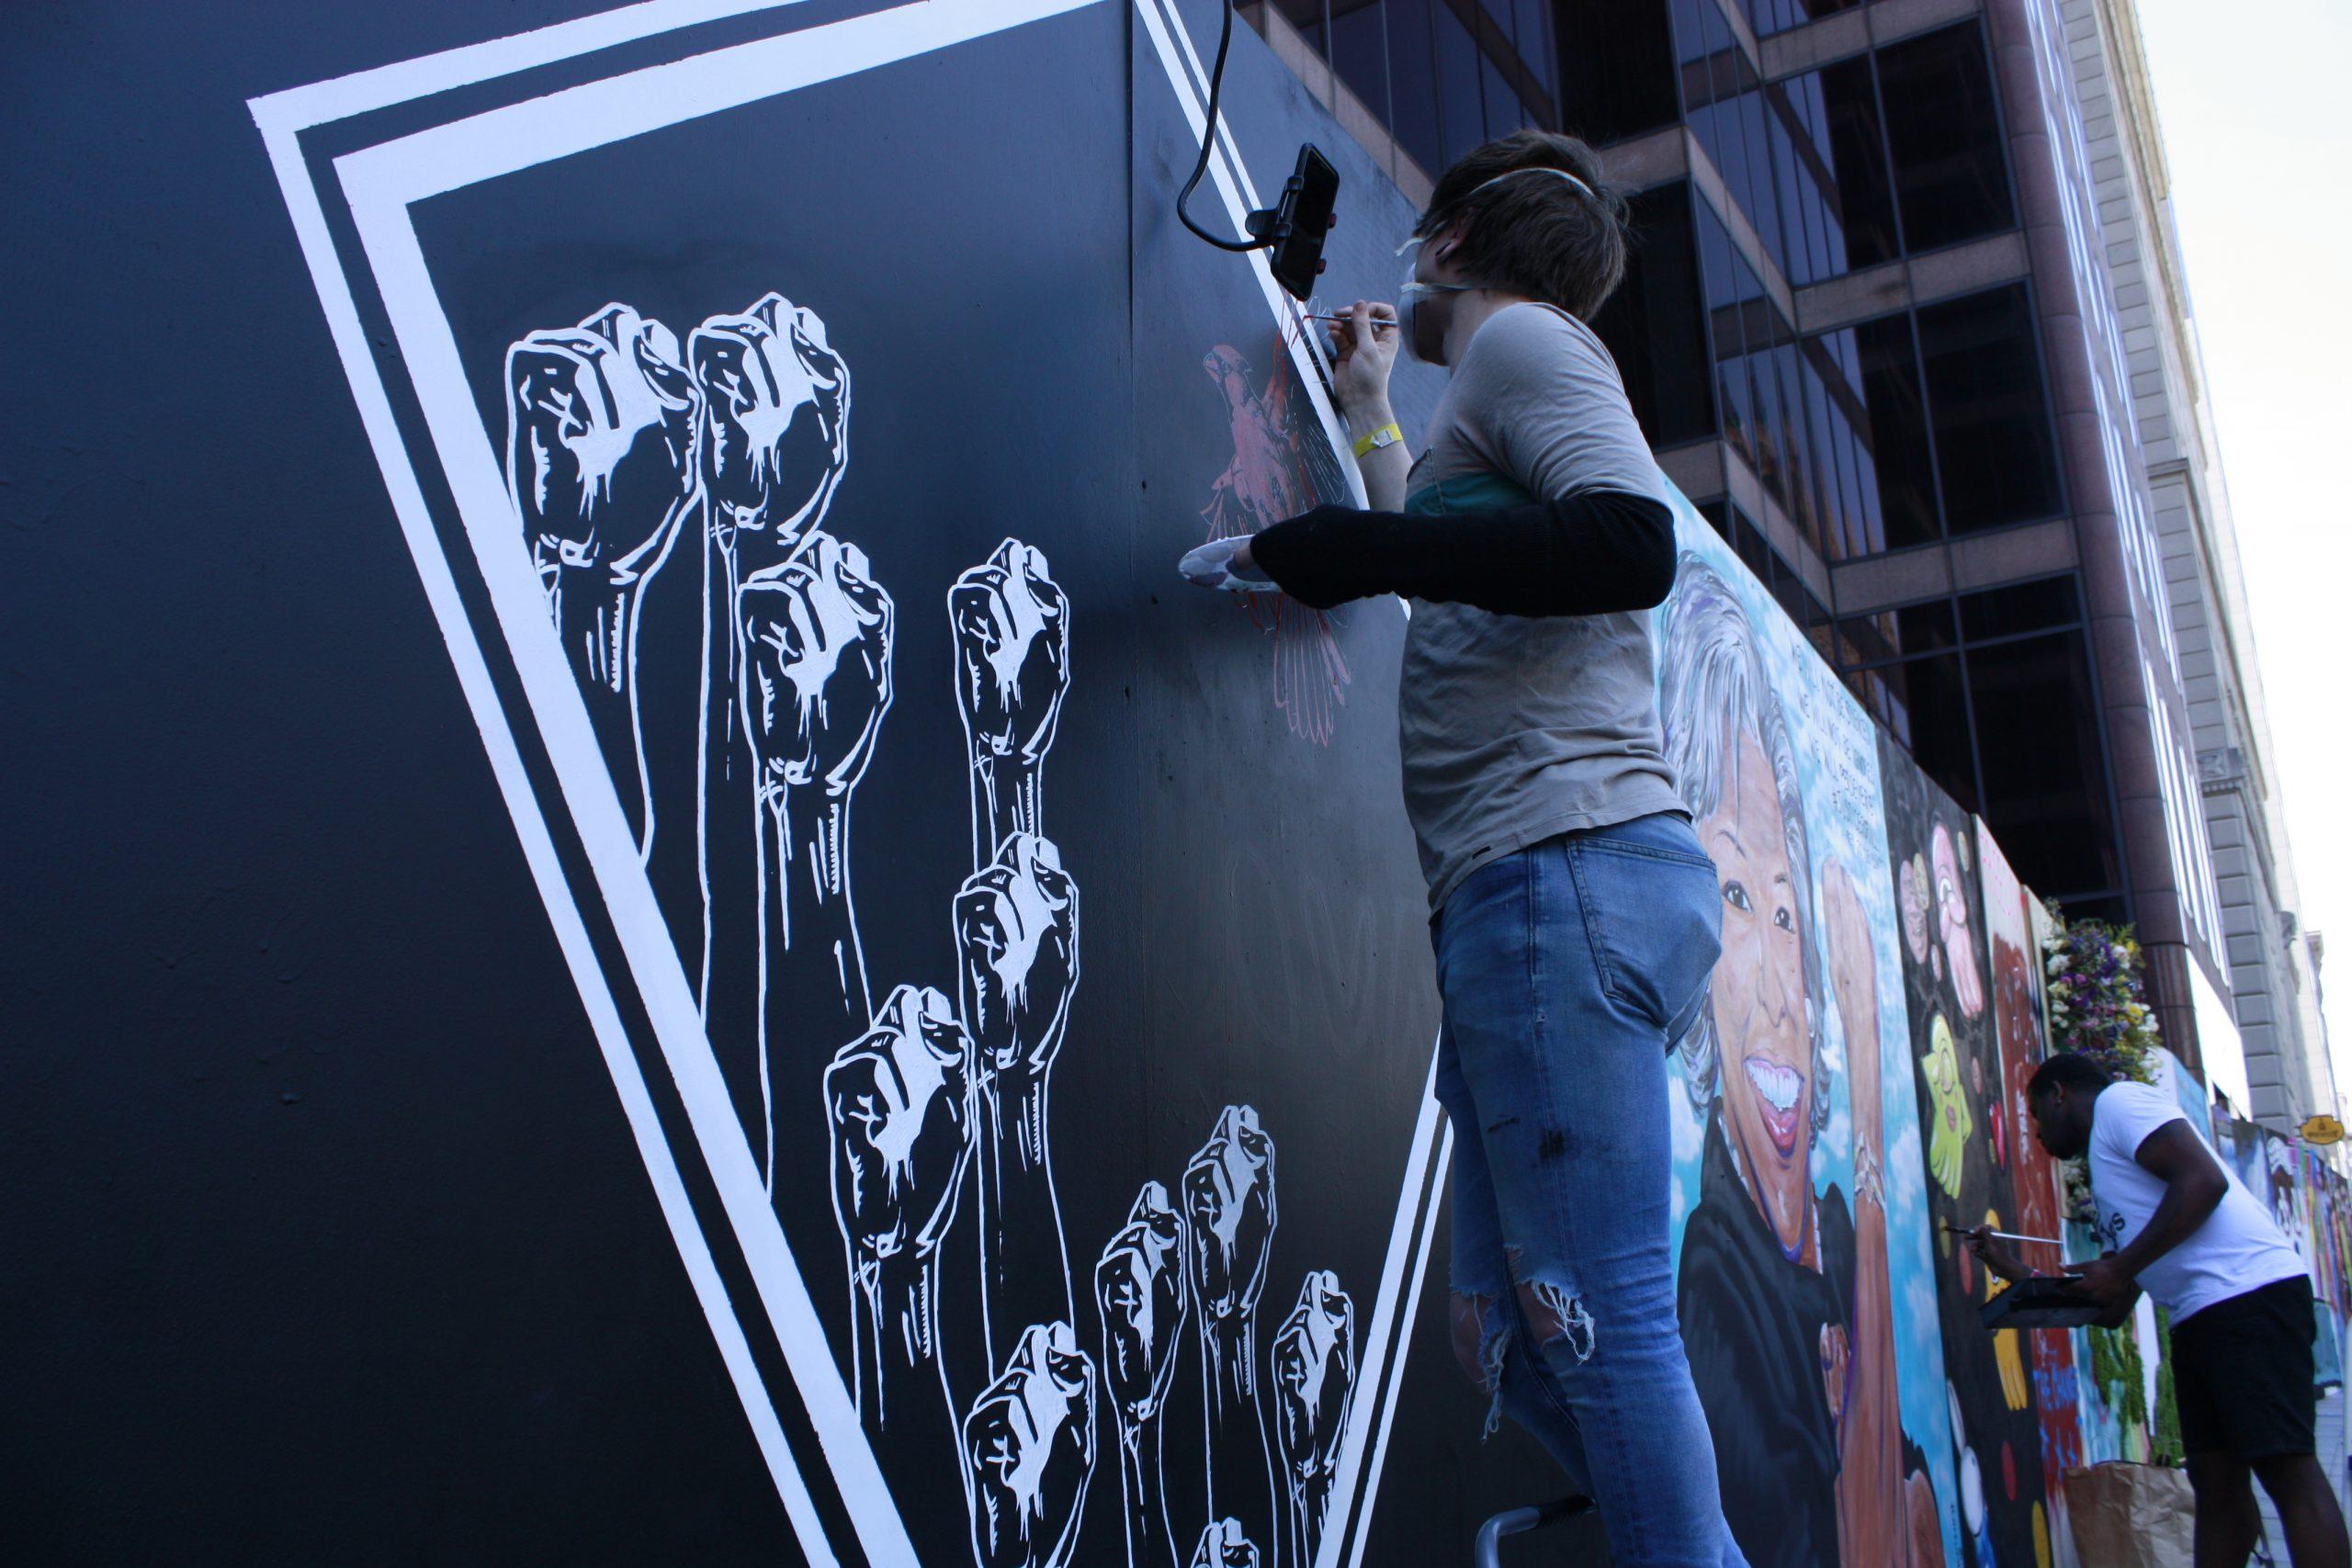 Ohio United (Art Unites Cbus/BLM Movement)